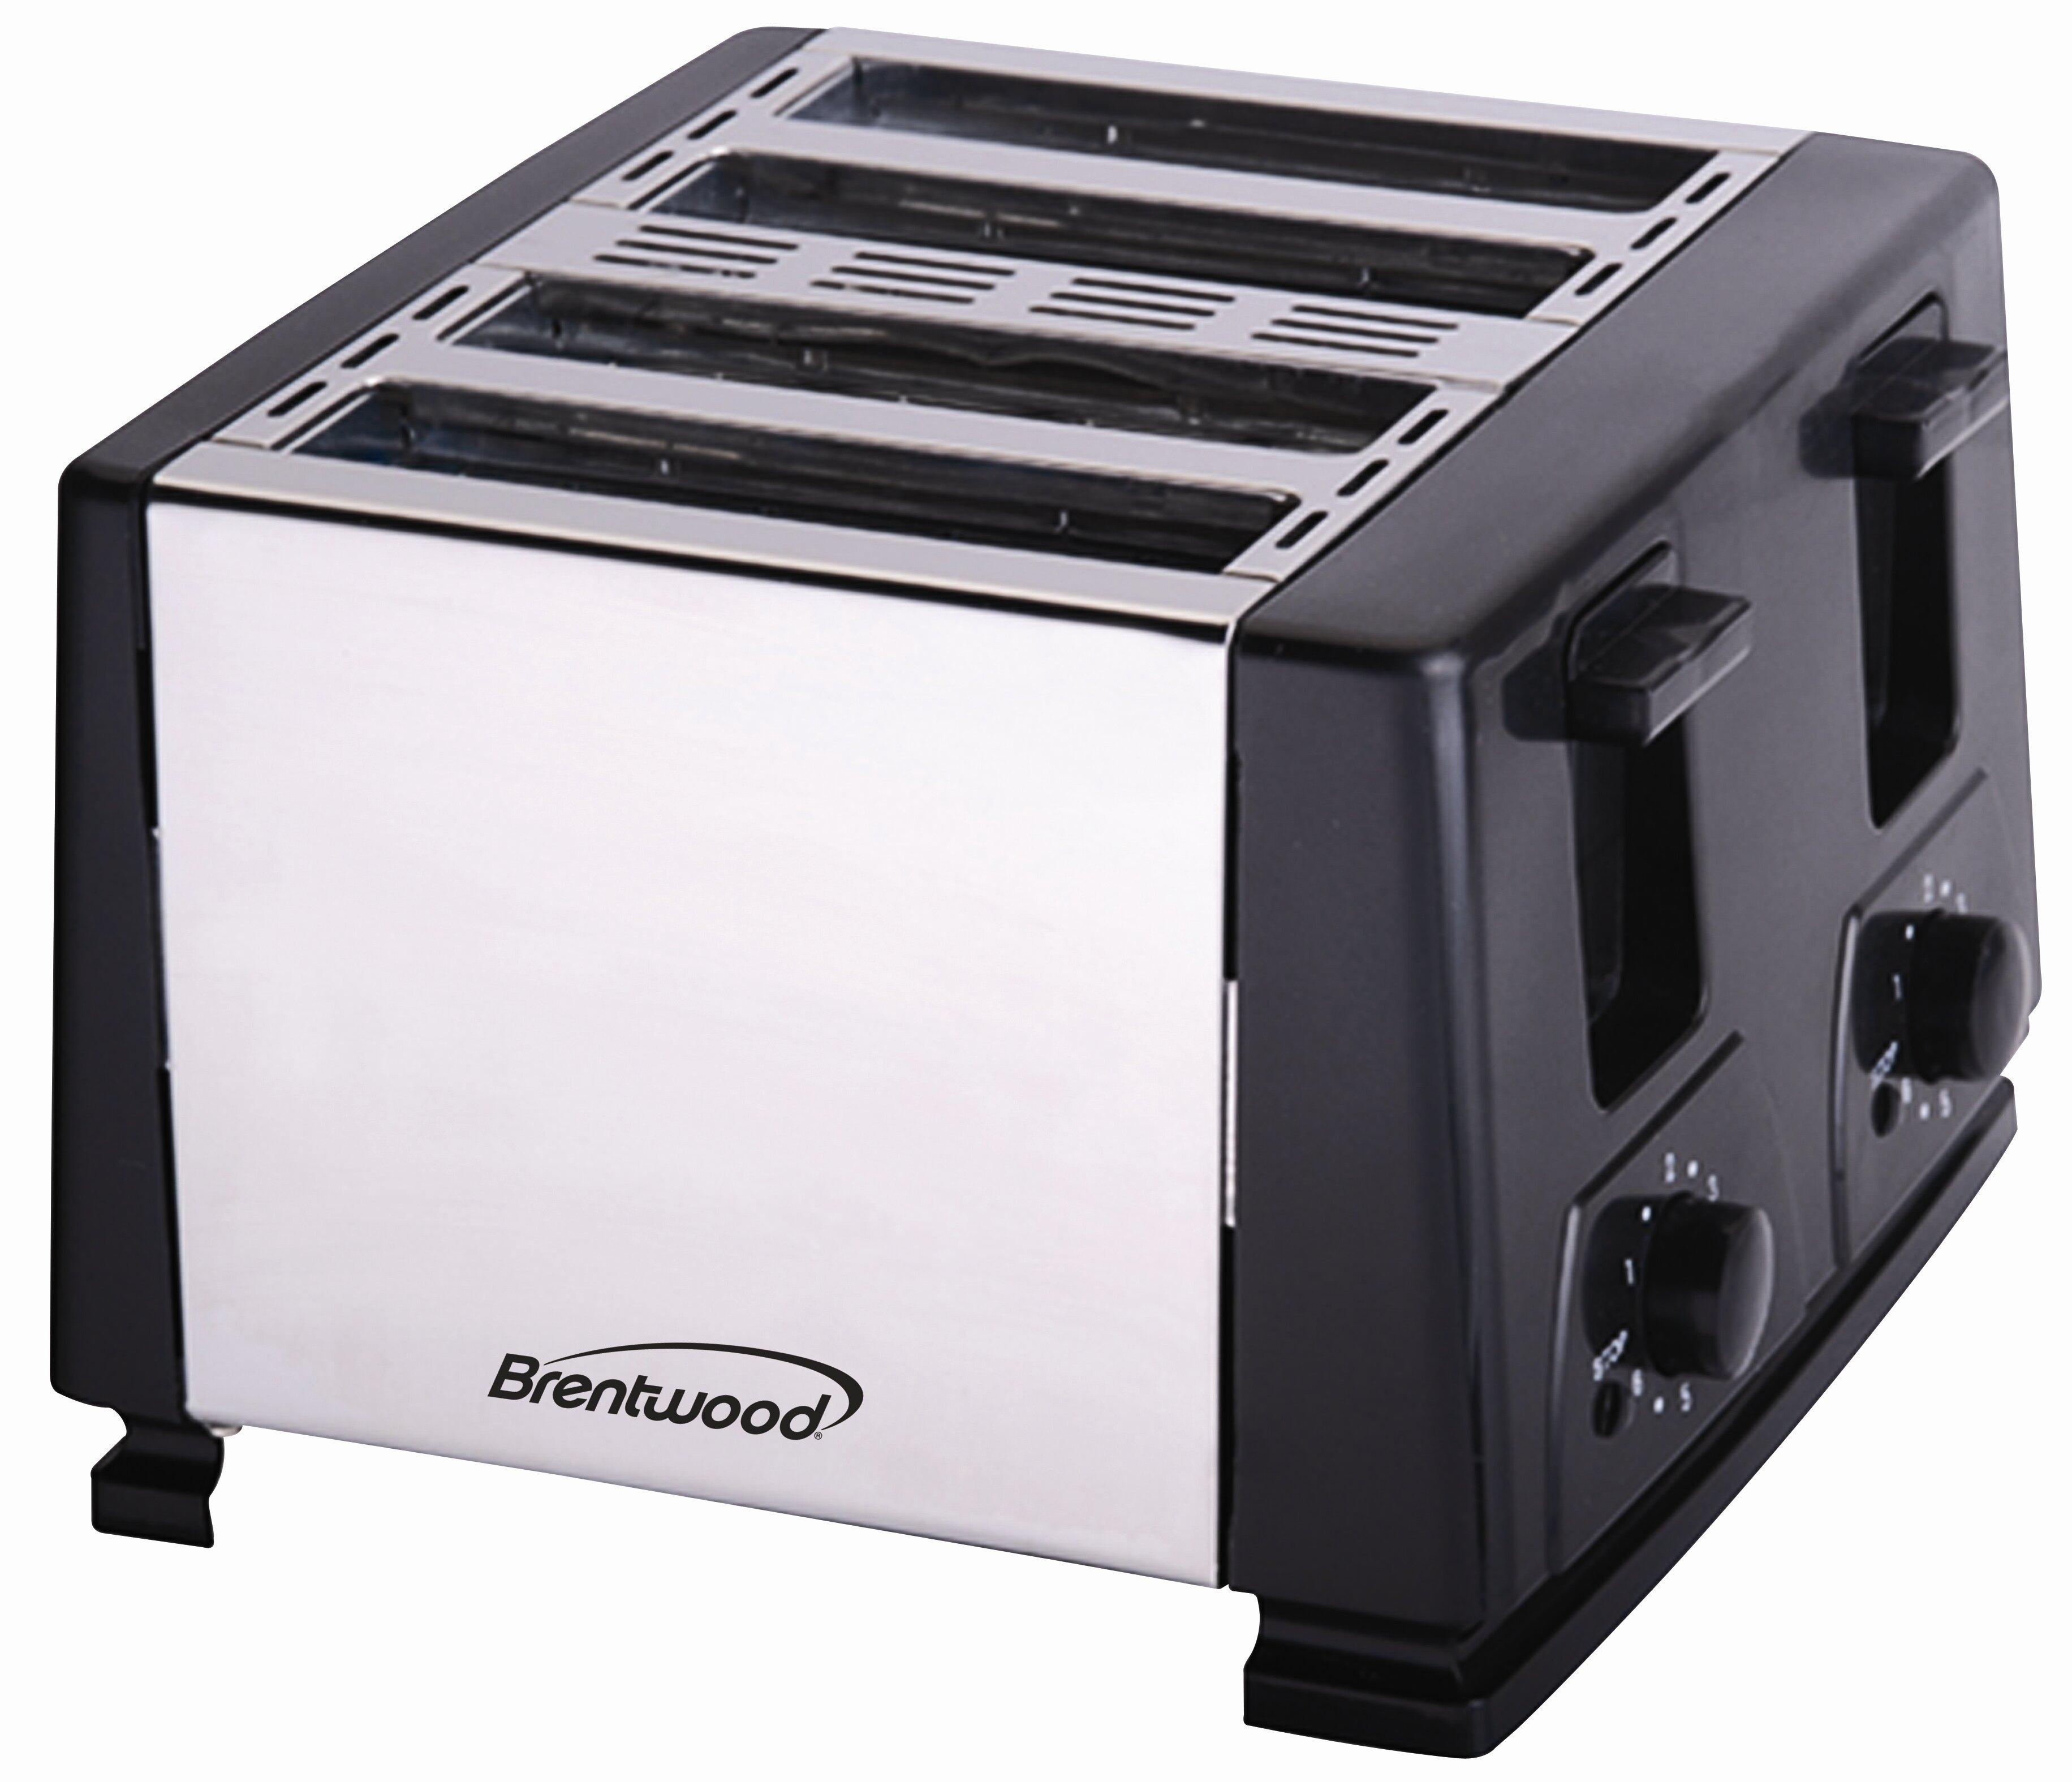 Brentwood 4-Slice Toaster & Reviews | Wayfair